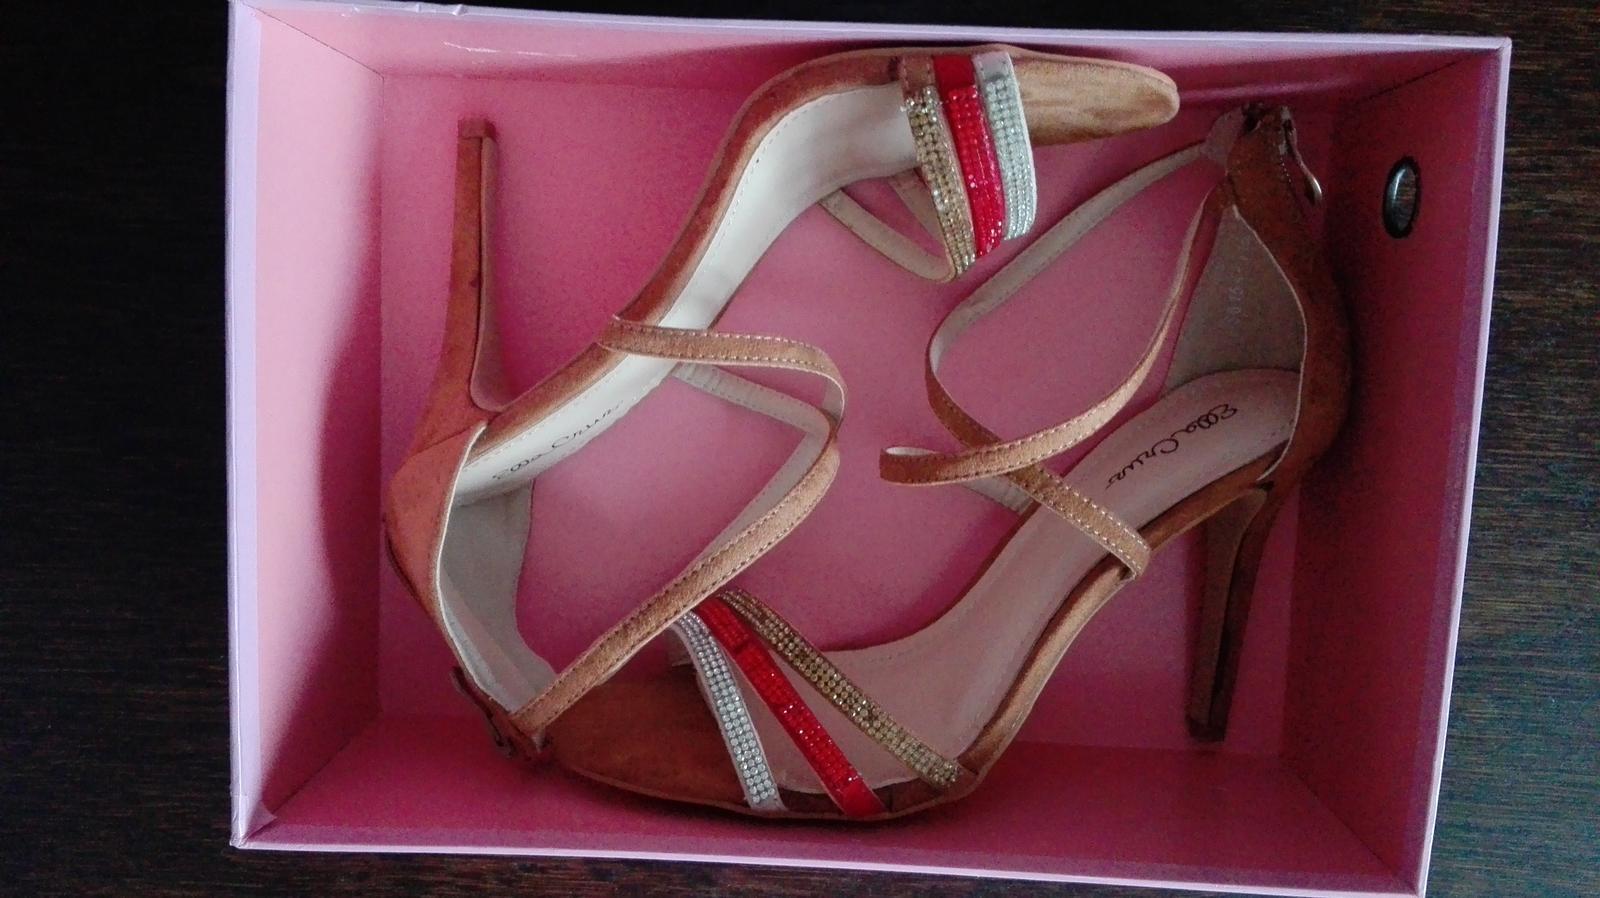 Sandále Ella Cruz - Obrázok č. 2